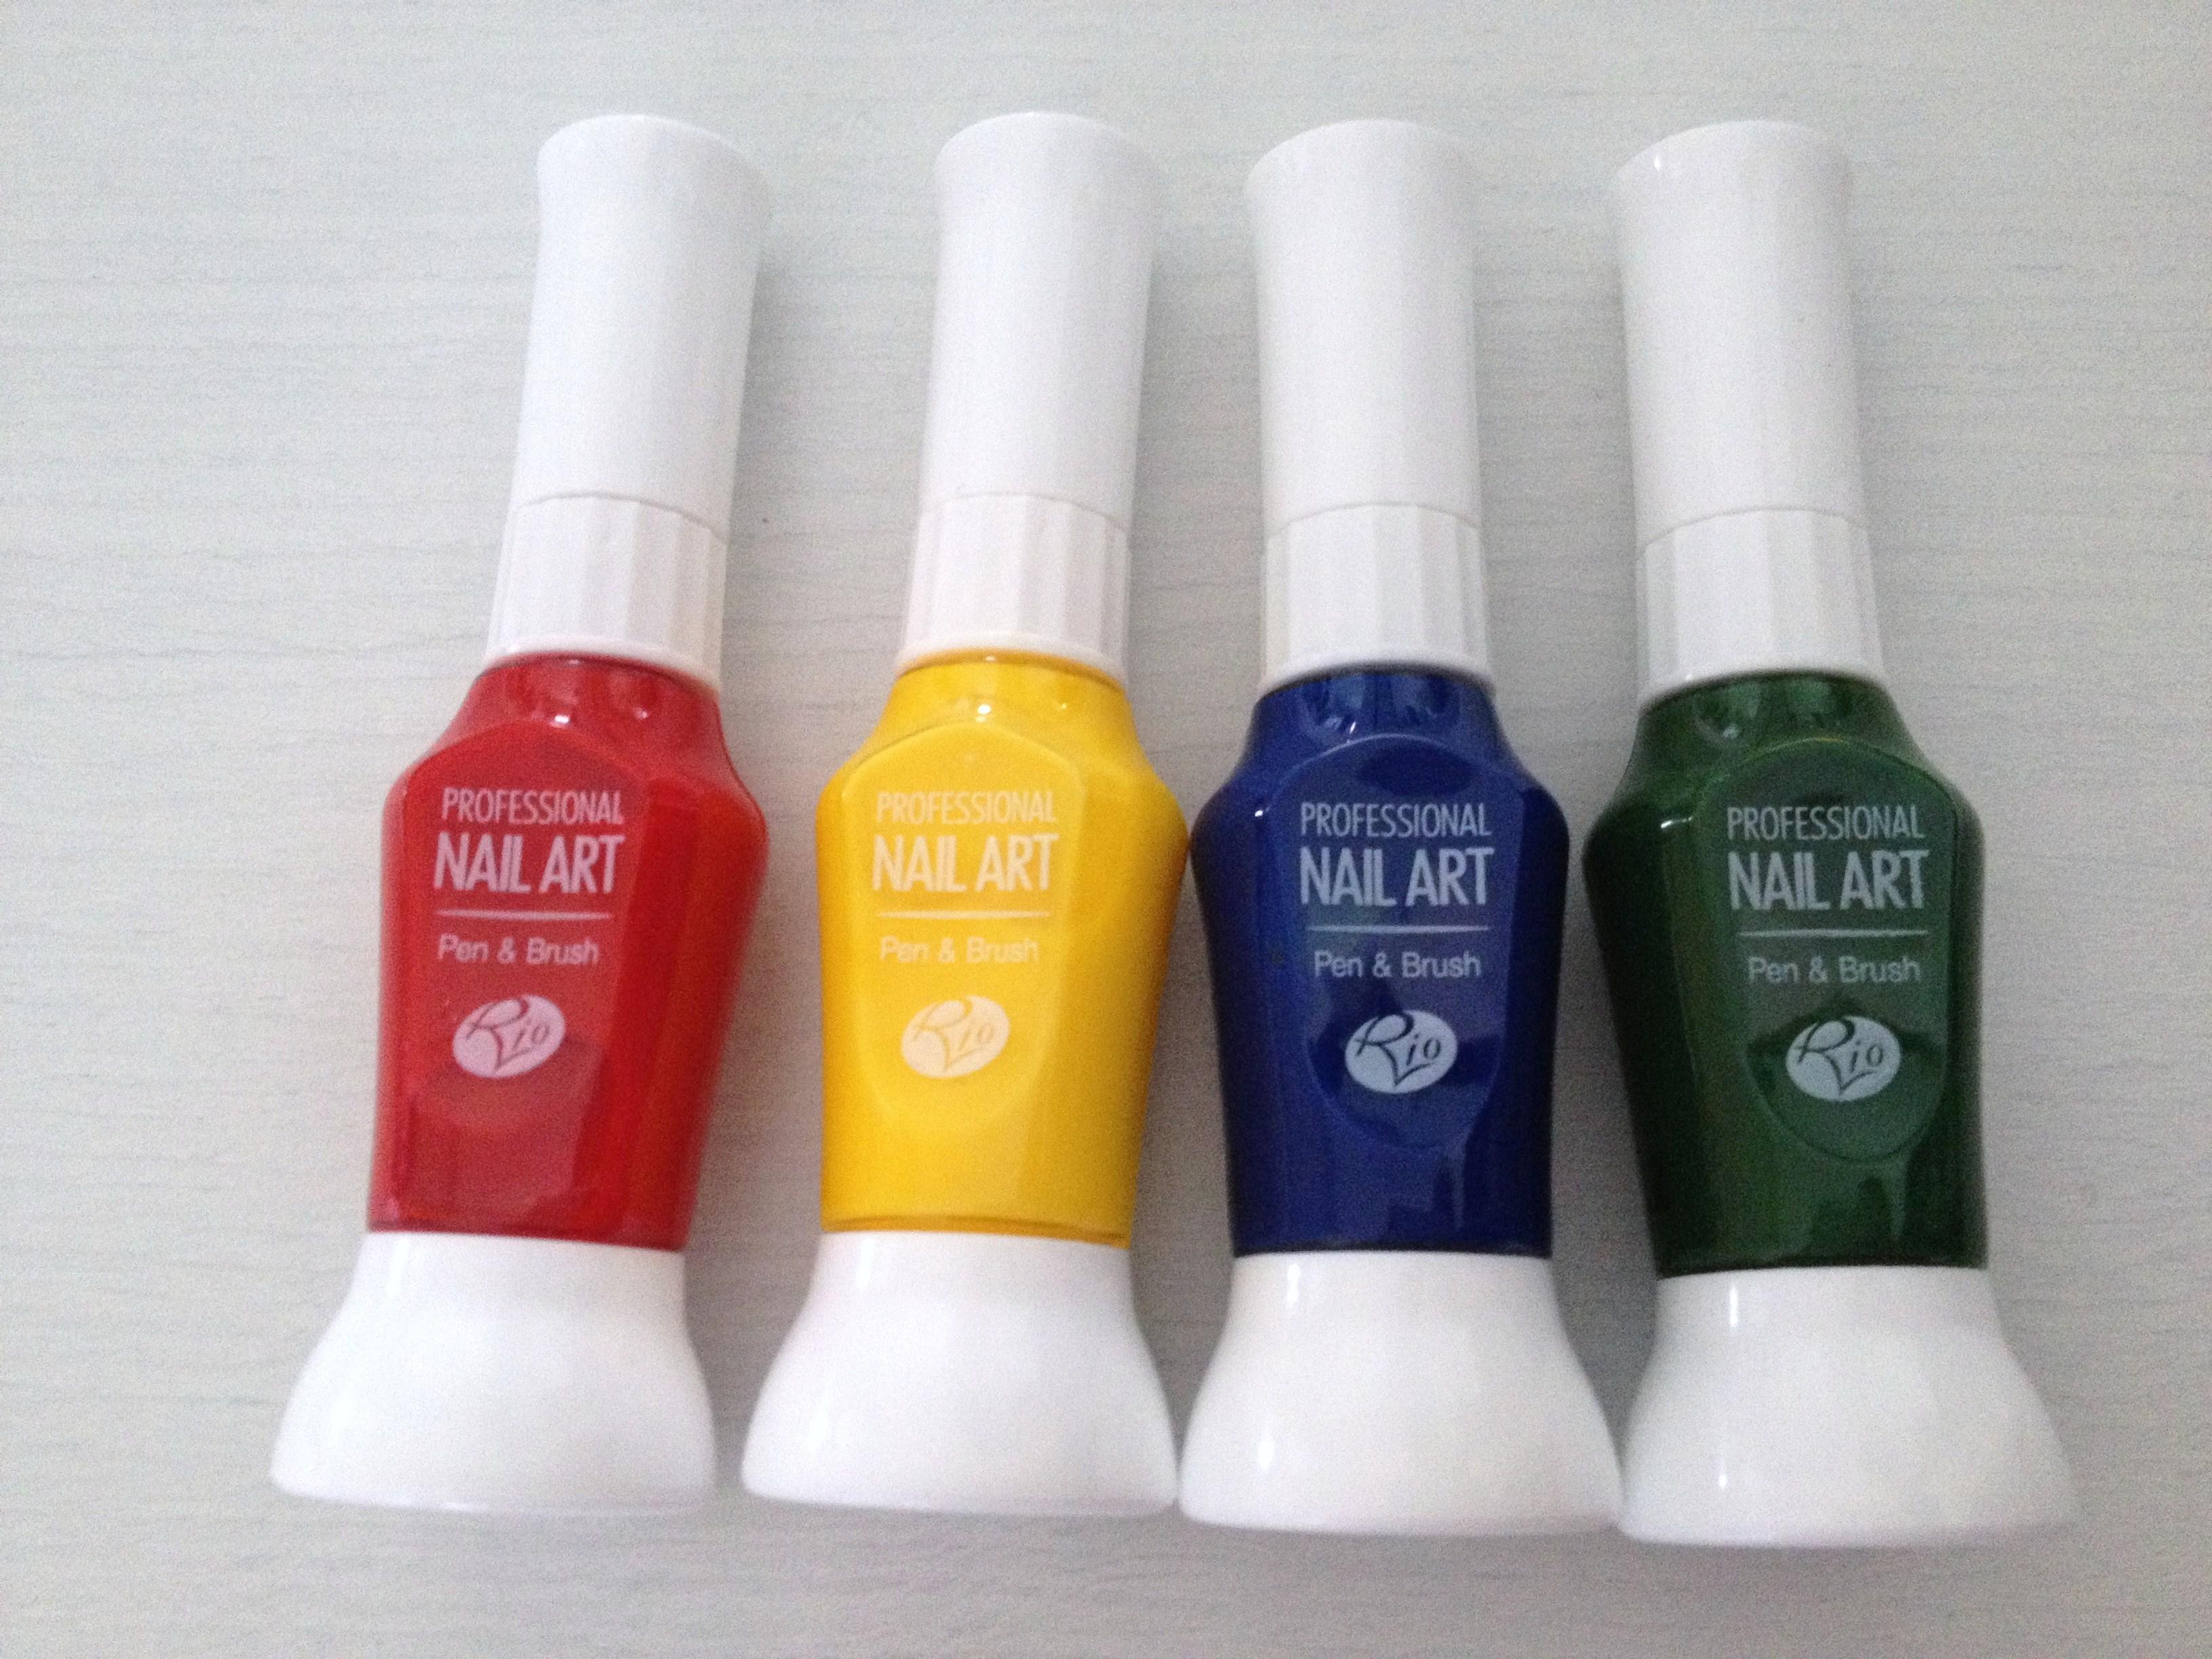 Rio_Professional_Nail_Art_Nail_Design_Pens (3)